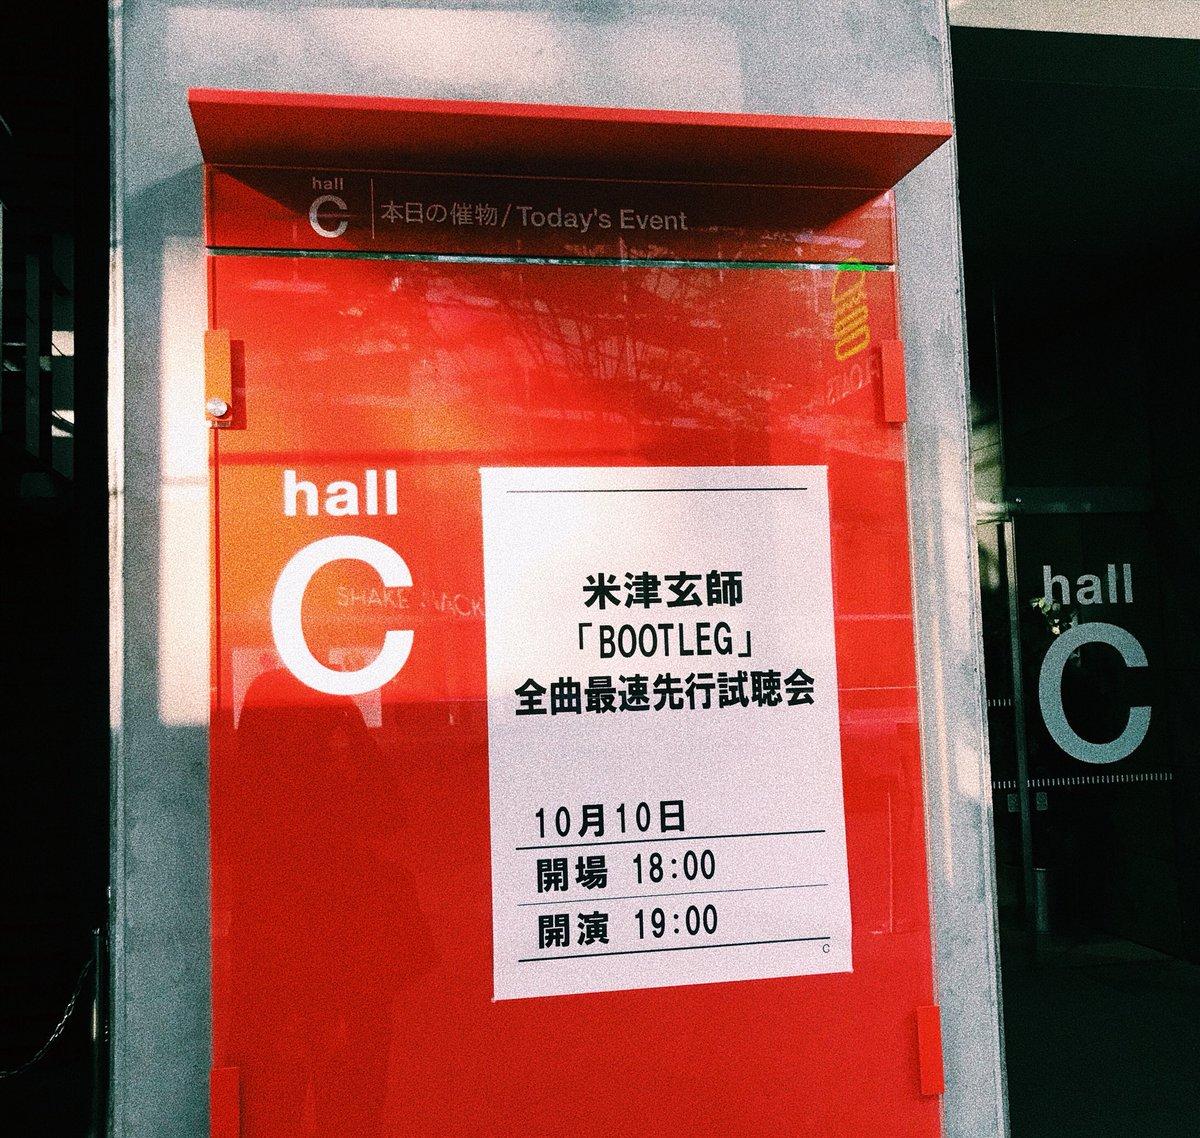 米津 の アルバム 玄 師 bootleg